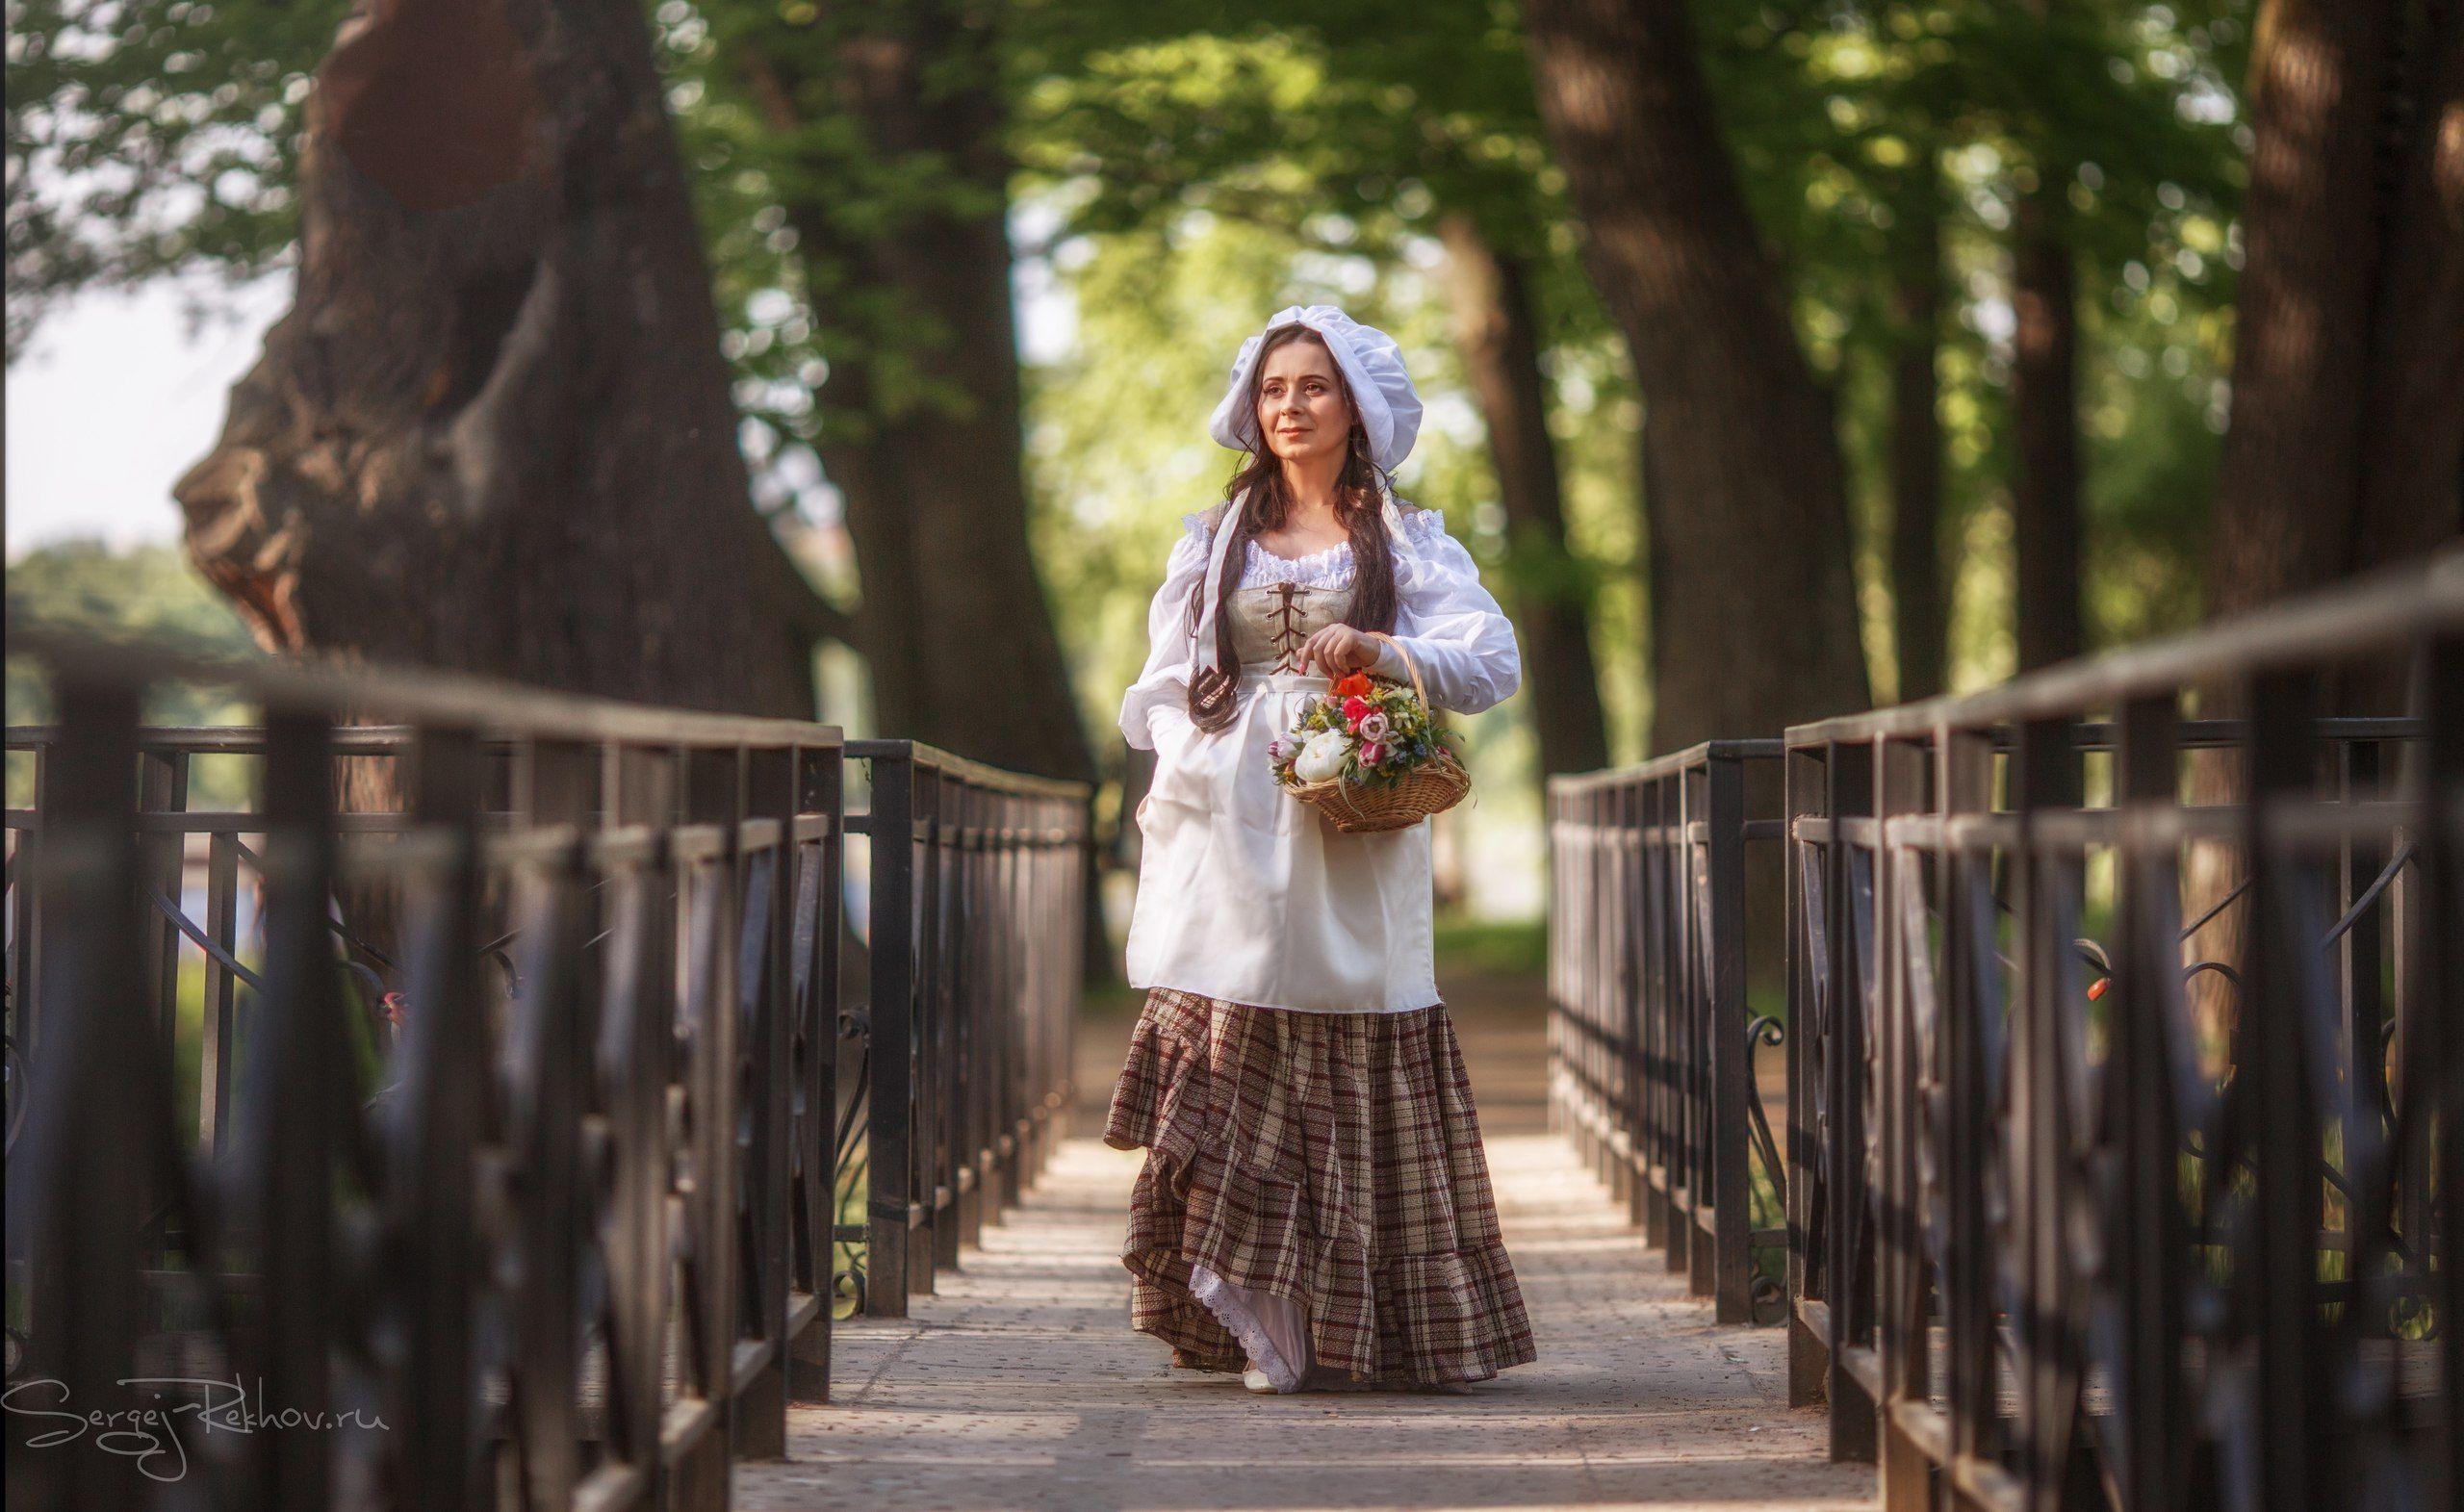 девушка, model, парк, цветы, рехов, сергейрехов, rekhov, sergejrekhov, Сергей Рехов